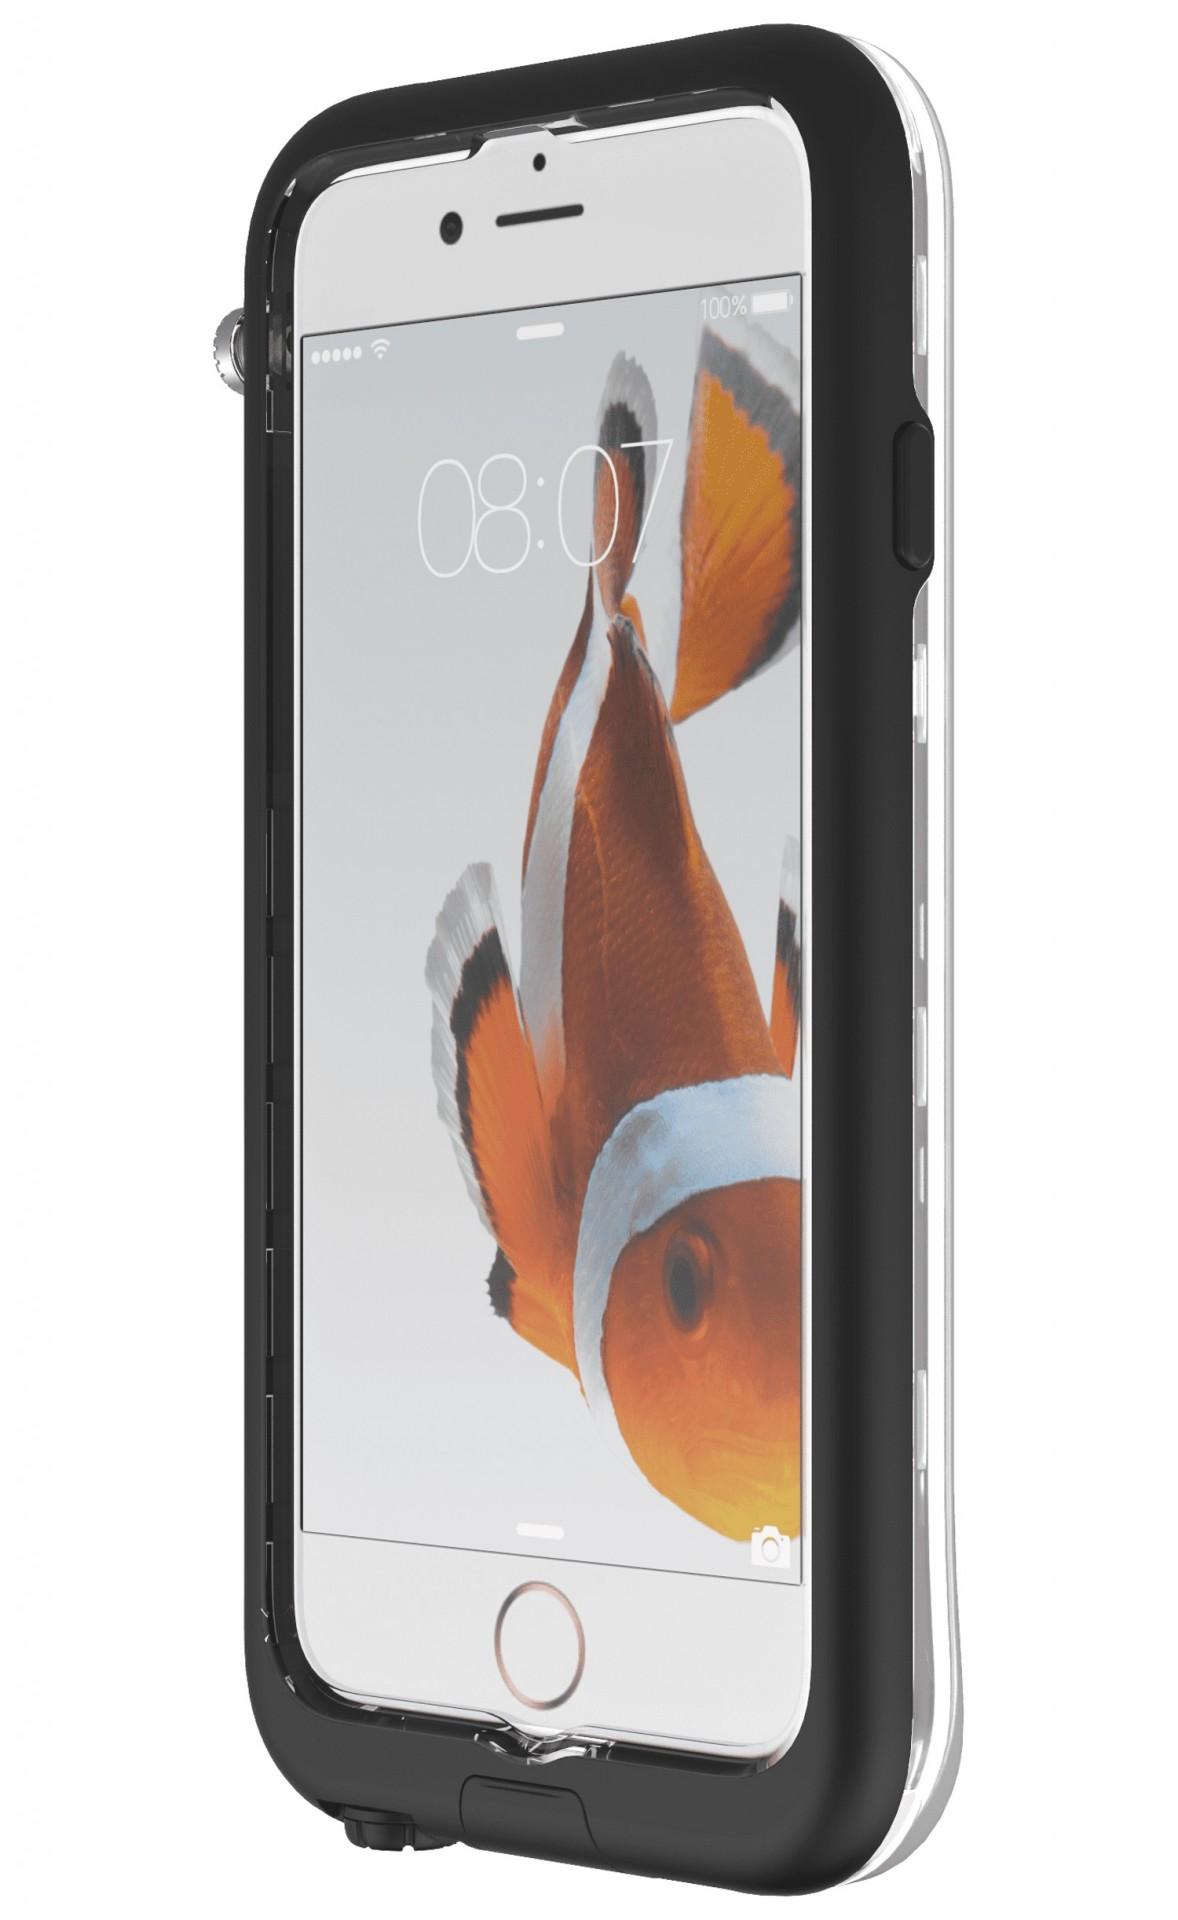 Iphone 66s capa evo xplorer prova de gua tech 21 icare market iphone 66s capa evo xplorer prova de gua tech 21 thecheapjerseys Images